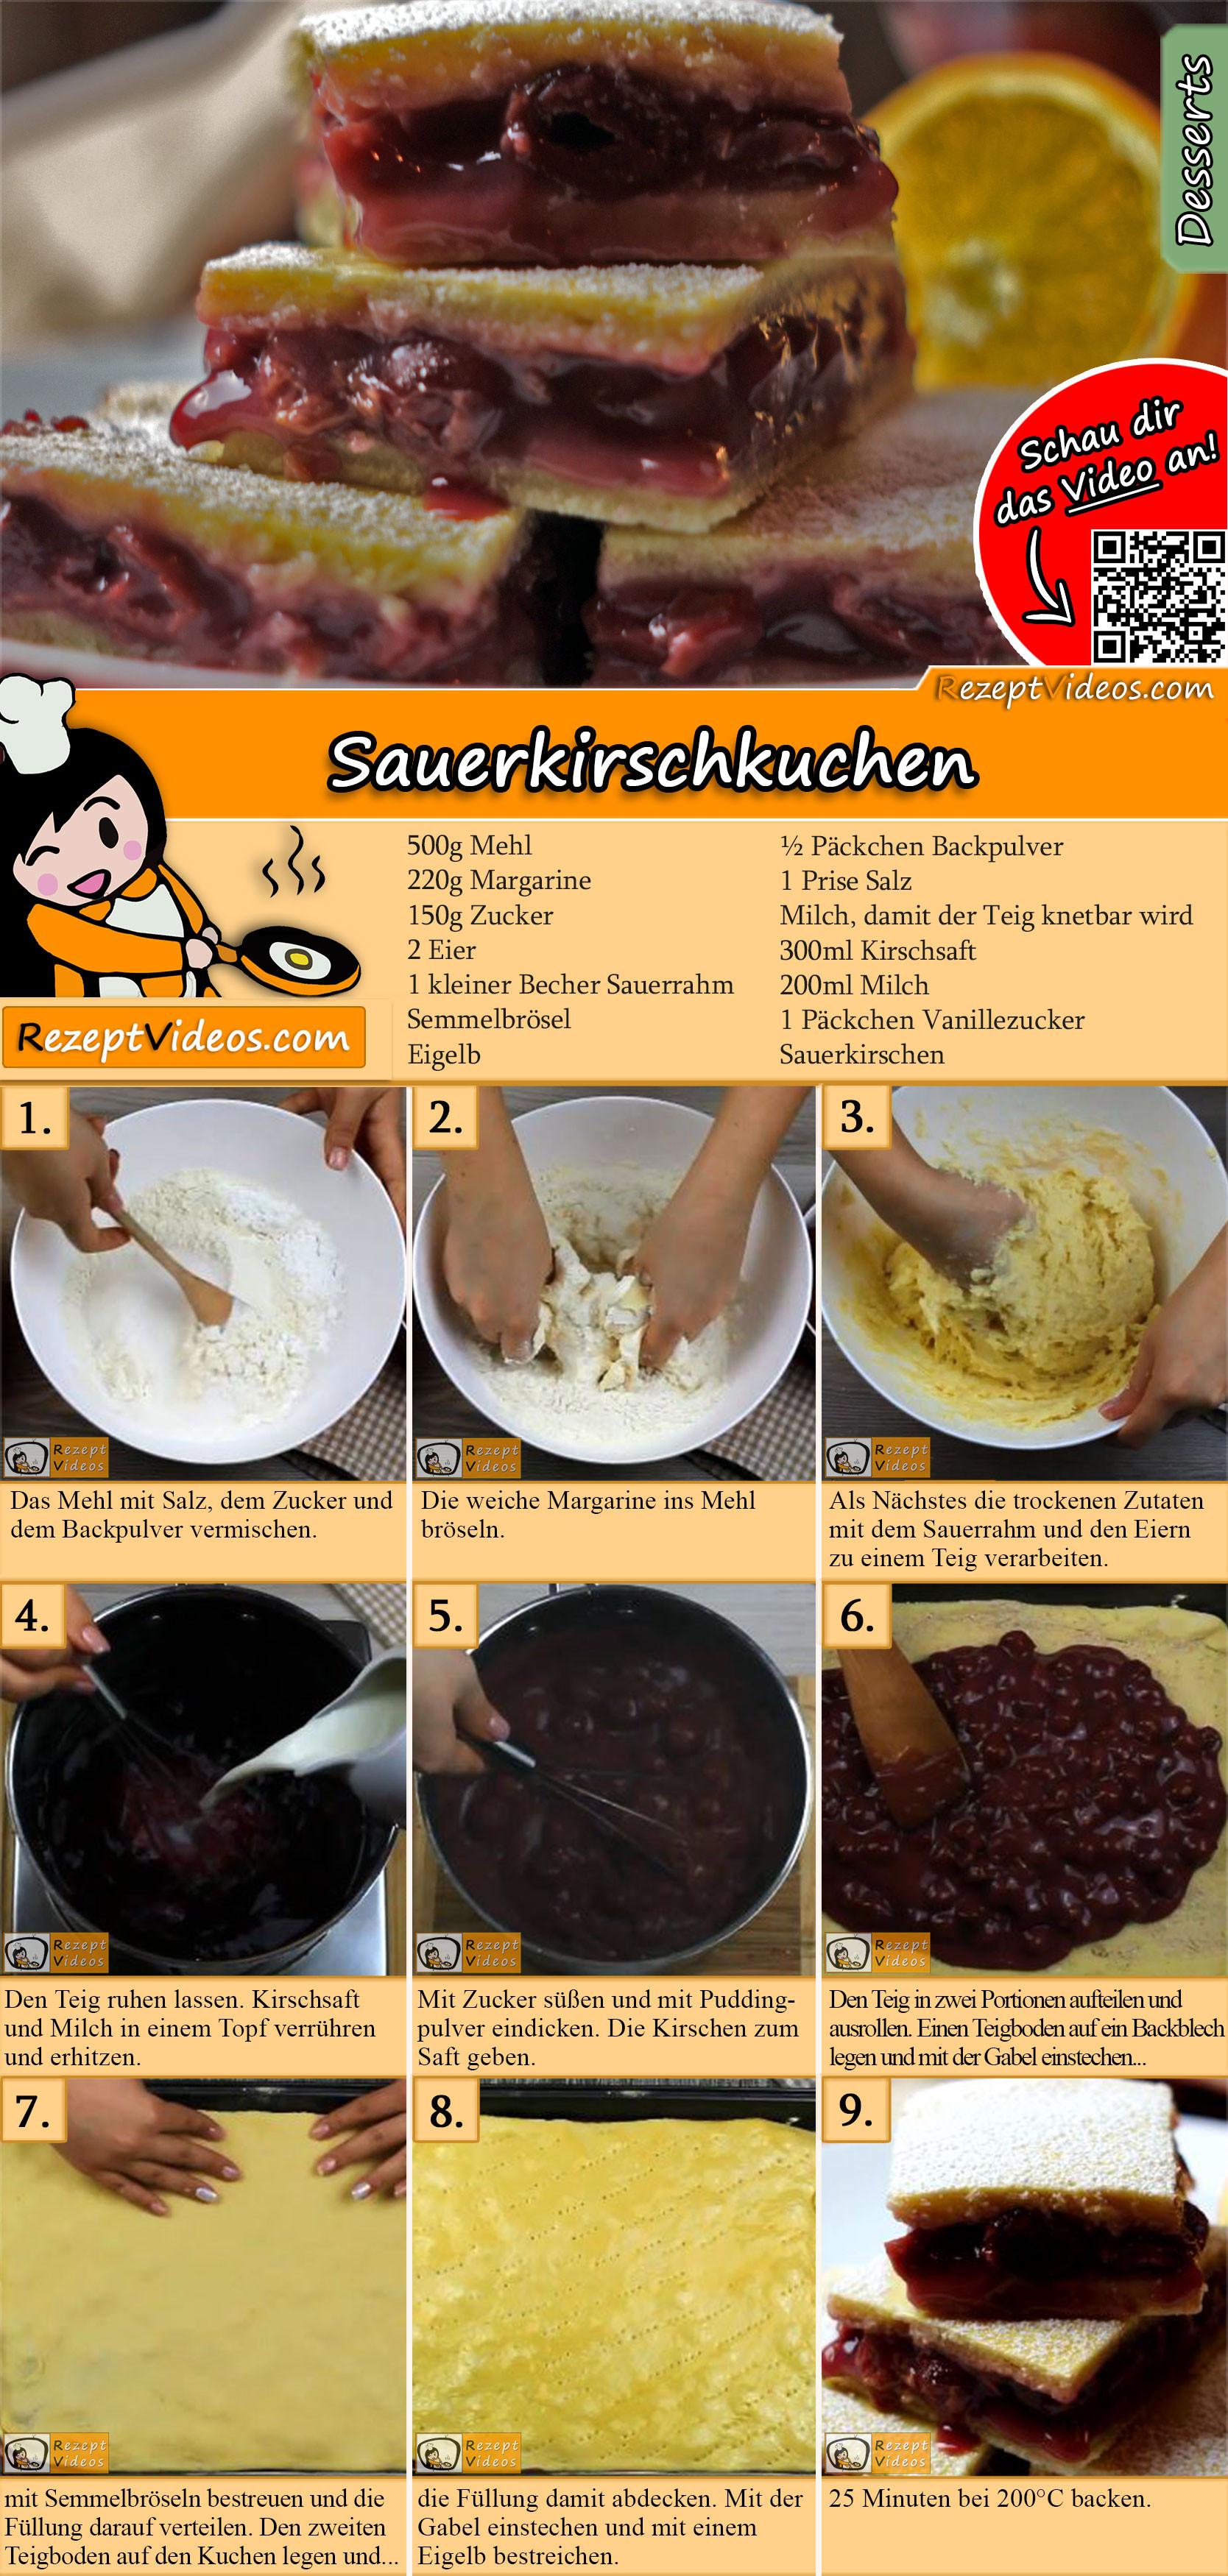 Sauerkirschkuchen Rezept mit Video